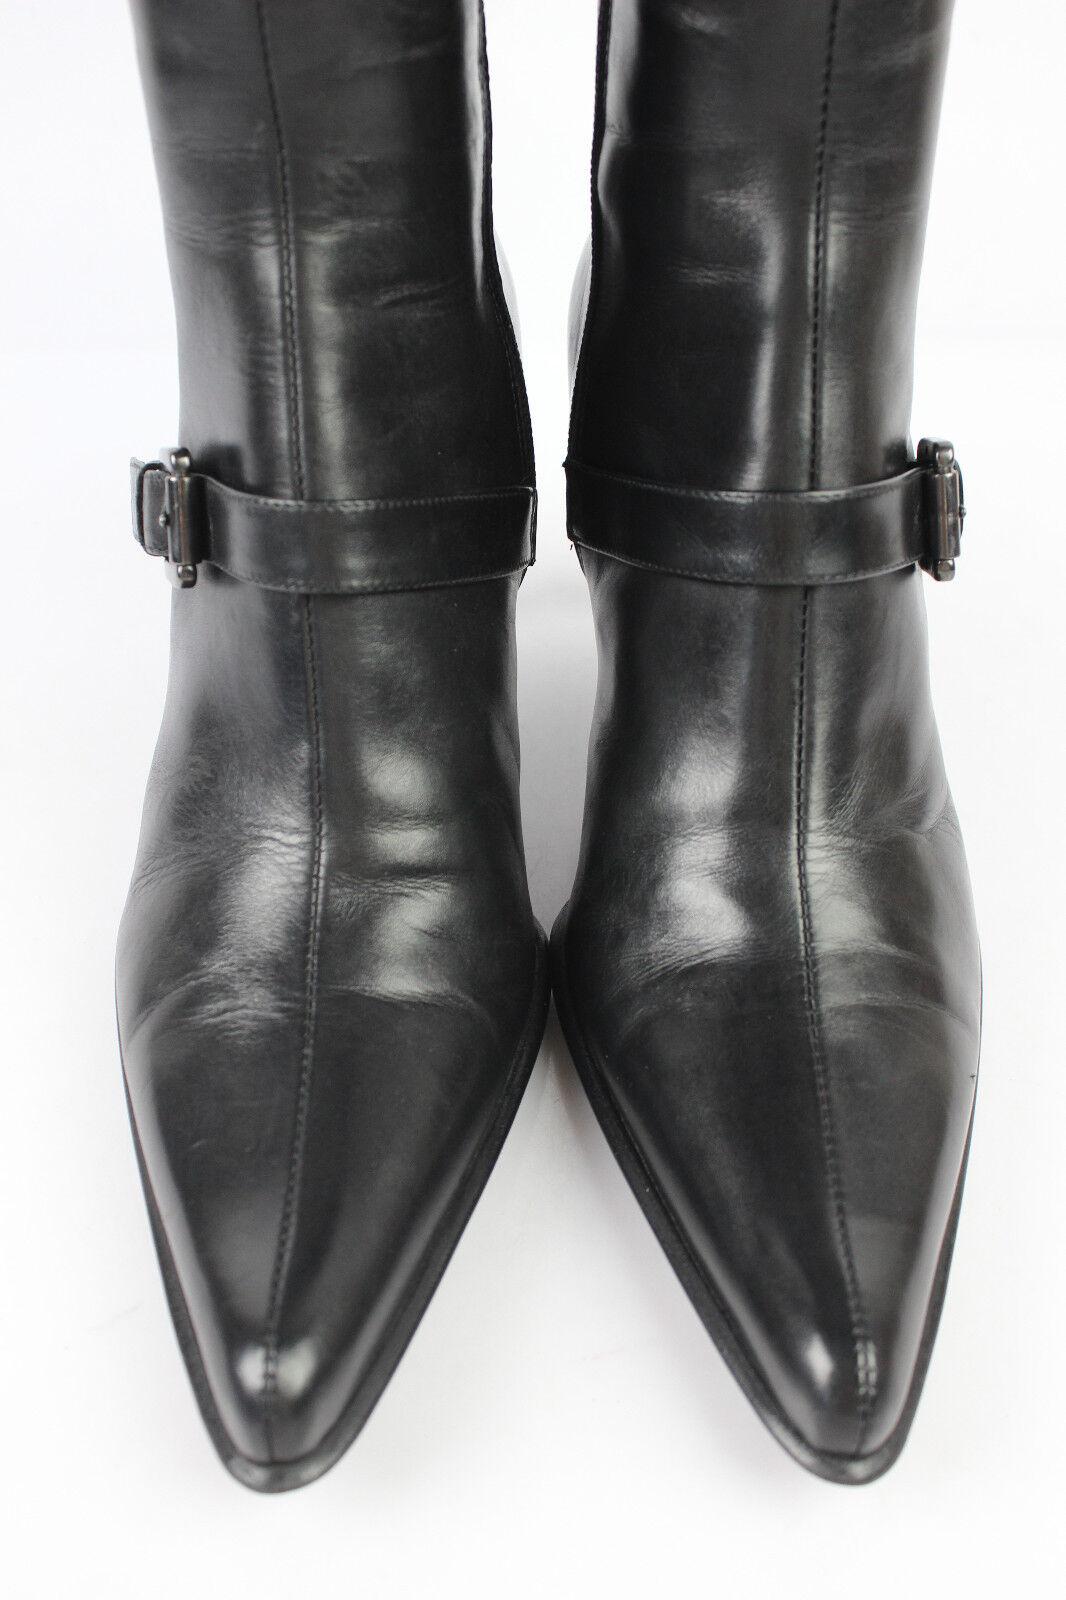 Zapatos especiales con descuento Mi bottes Sciuscia VENUE D'AILLEURS Cuir Noir T 38 TRES BON ETAT